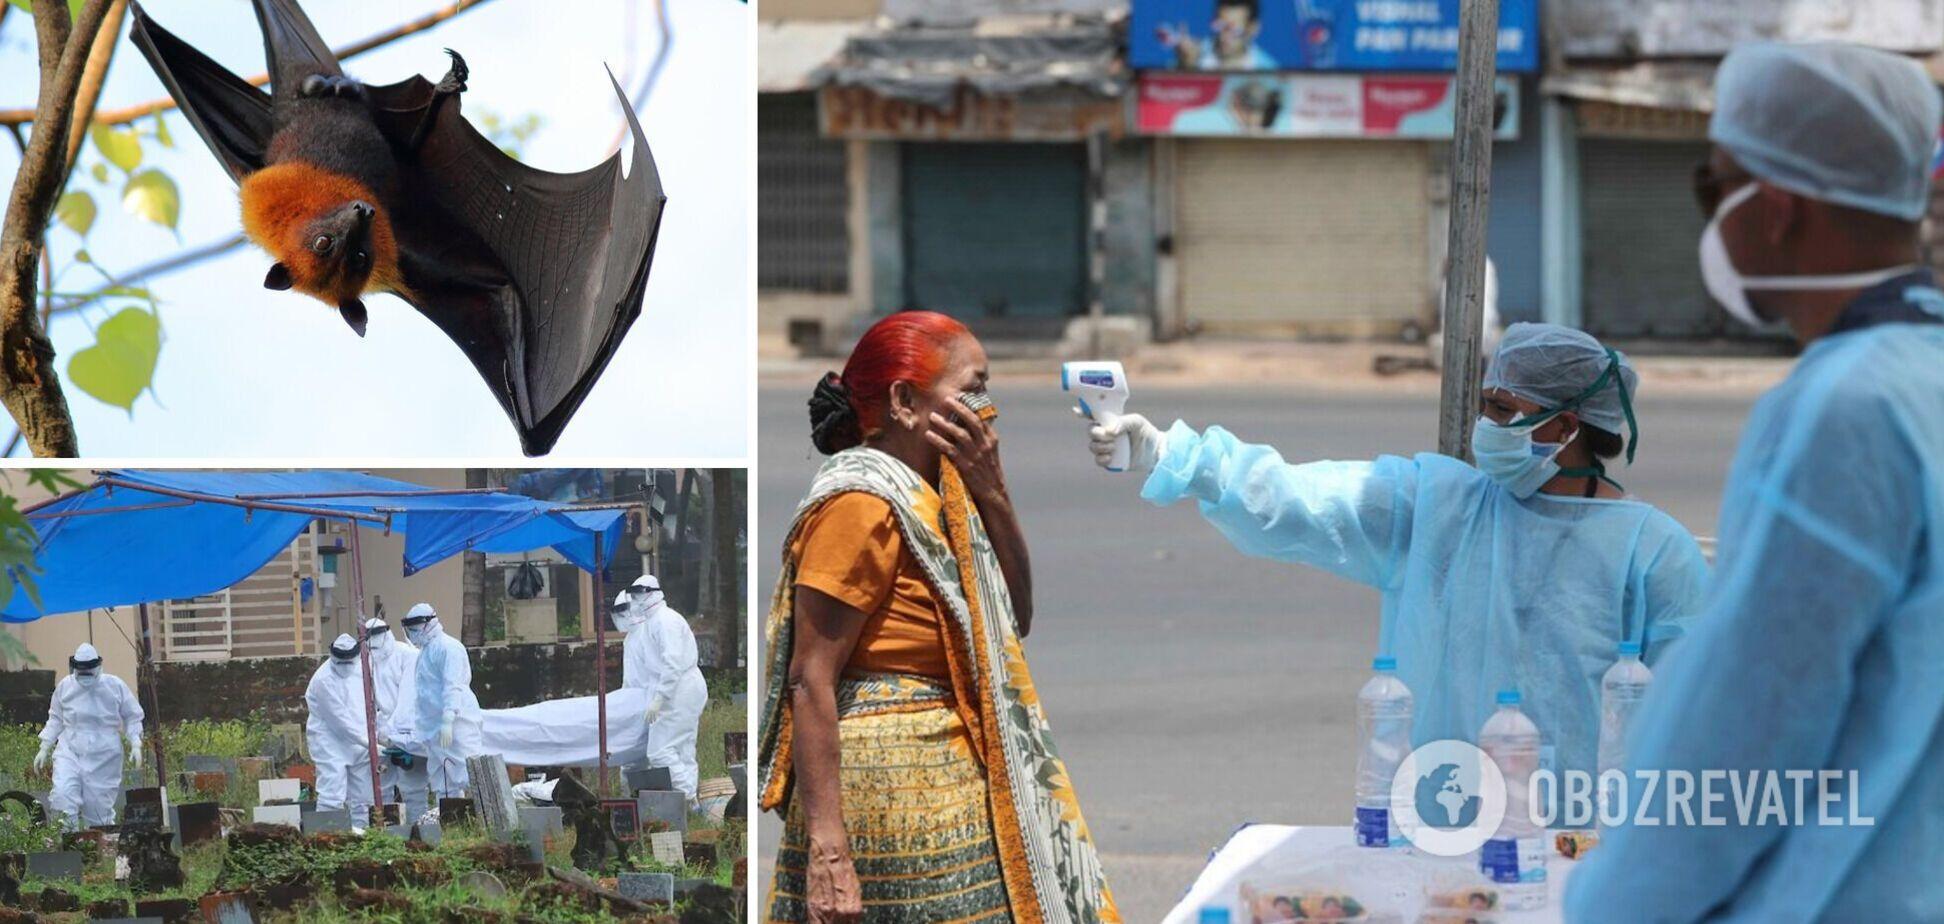 В Індії симптоми смертельно небезпечного вірусу Nipah виявили в 11 осіб: що відомо про інфекцію